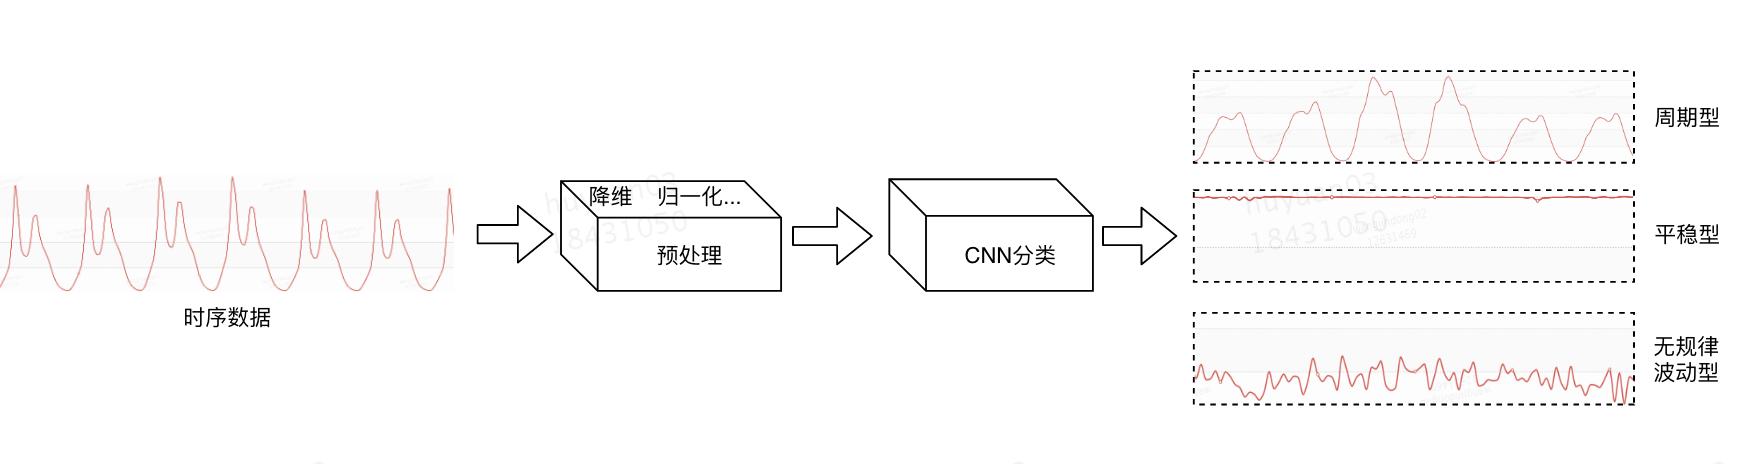 图6 时序数据分类处理流程